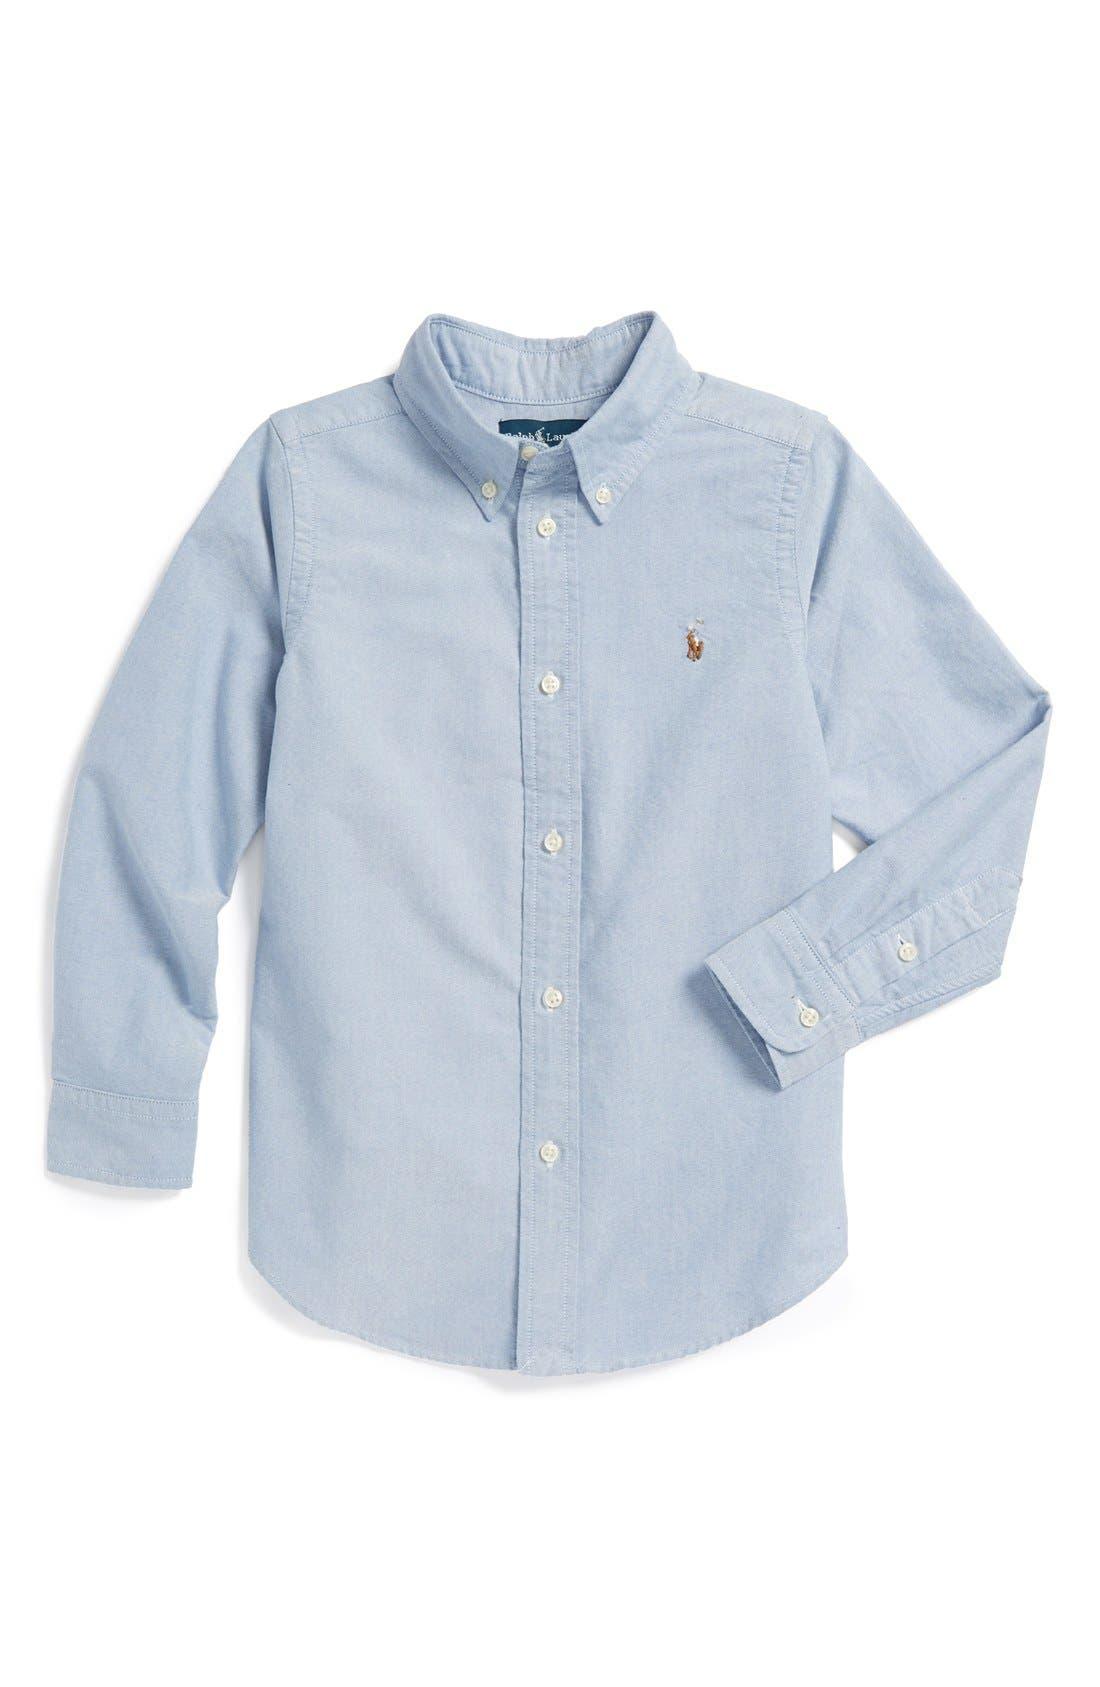 Alternate Image 1 Selected - Ralph Lauren Oxford Button Down Sport Shirt (Little Boys)